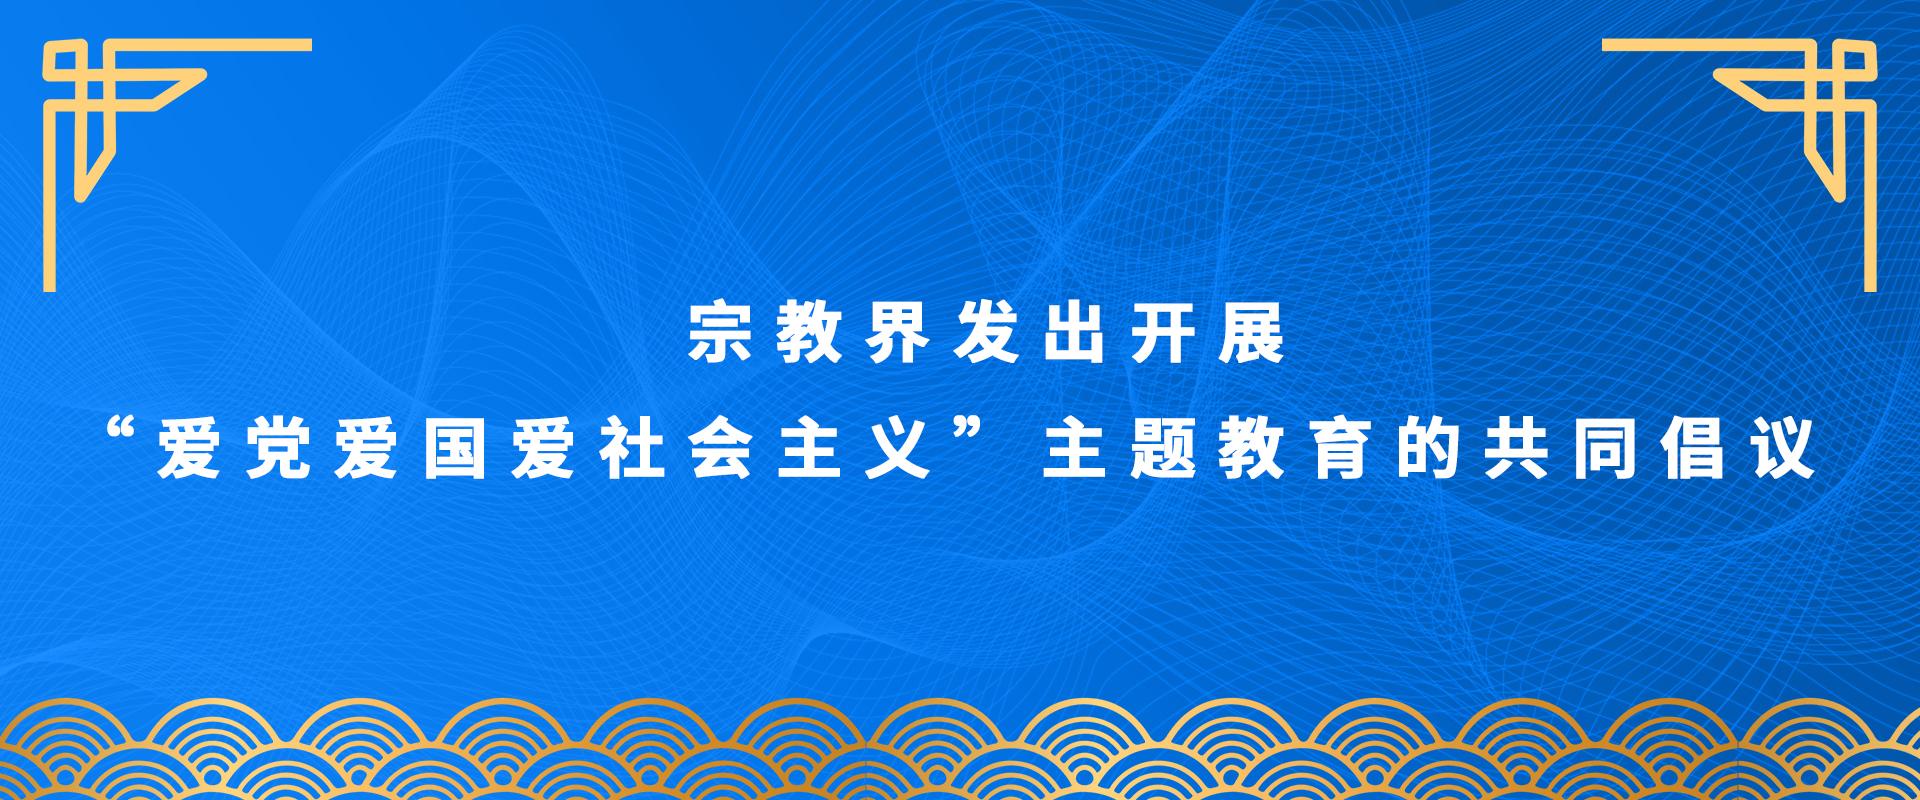 """宗教(jiao)界發出開展""""愛黨愛國愛社會主義(yi)""""主題教(jiao)育的共同倡議"""